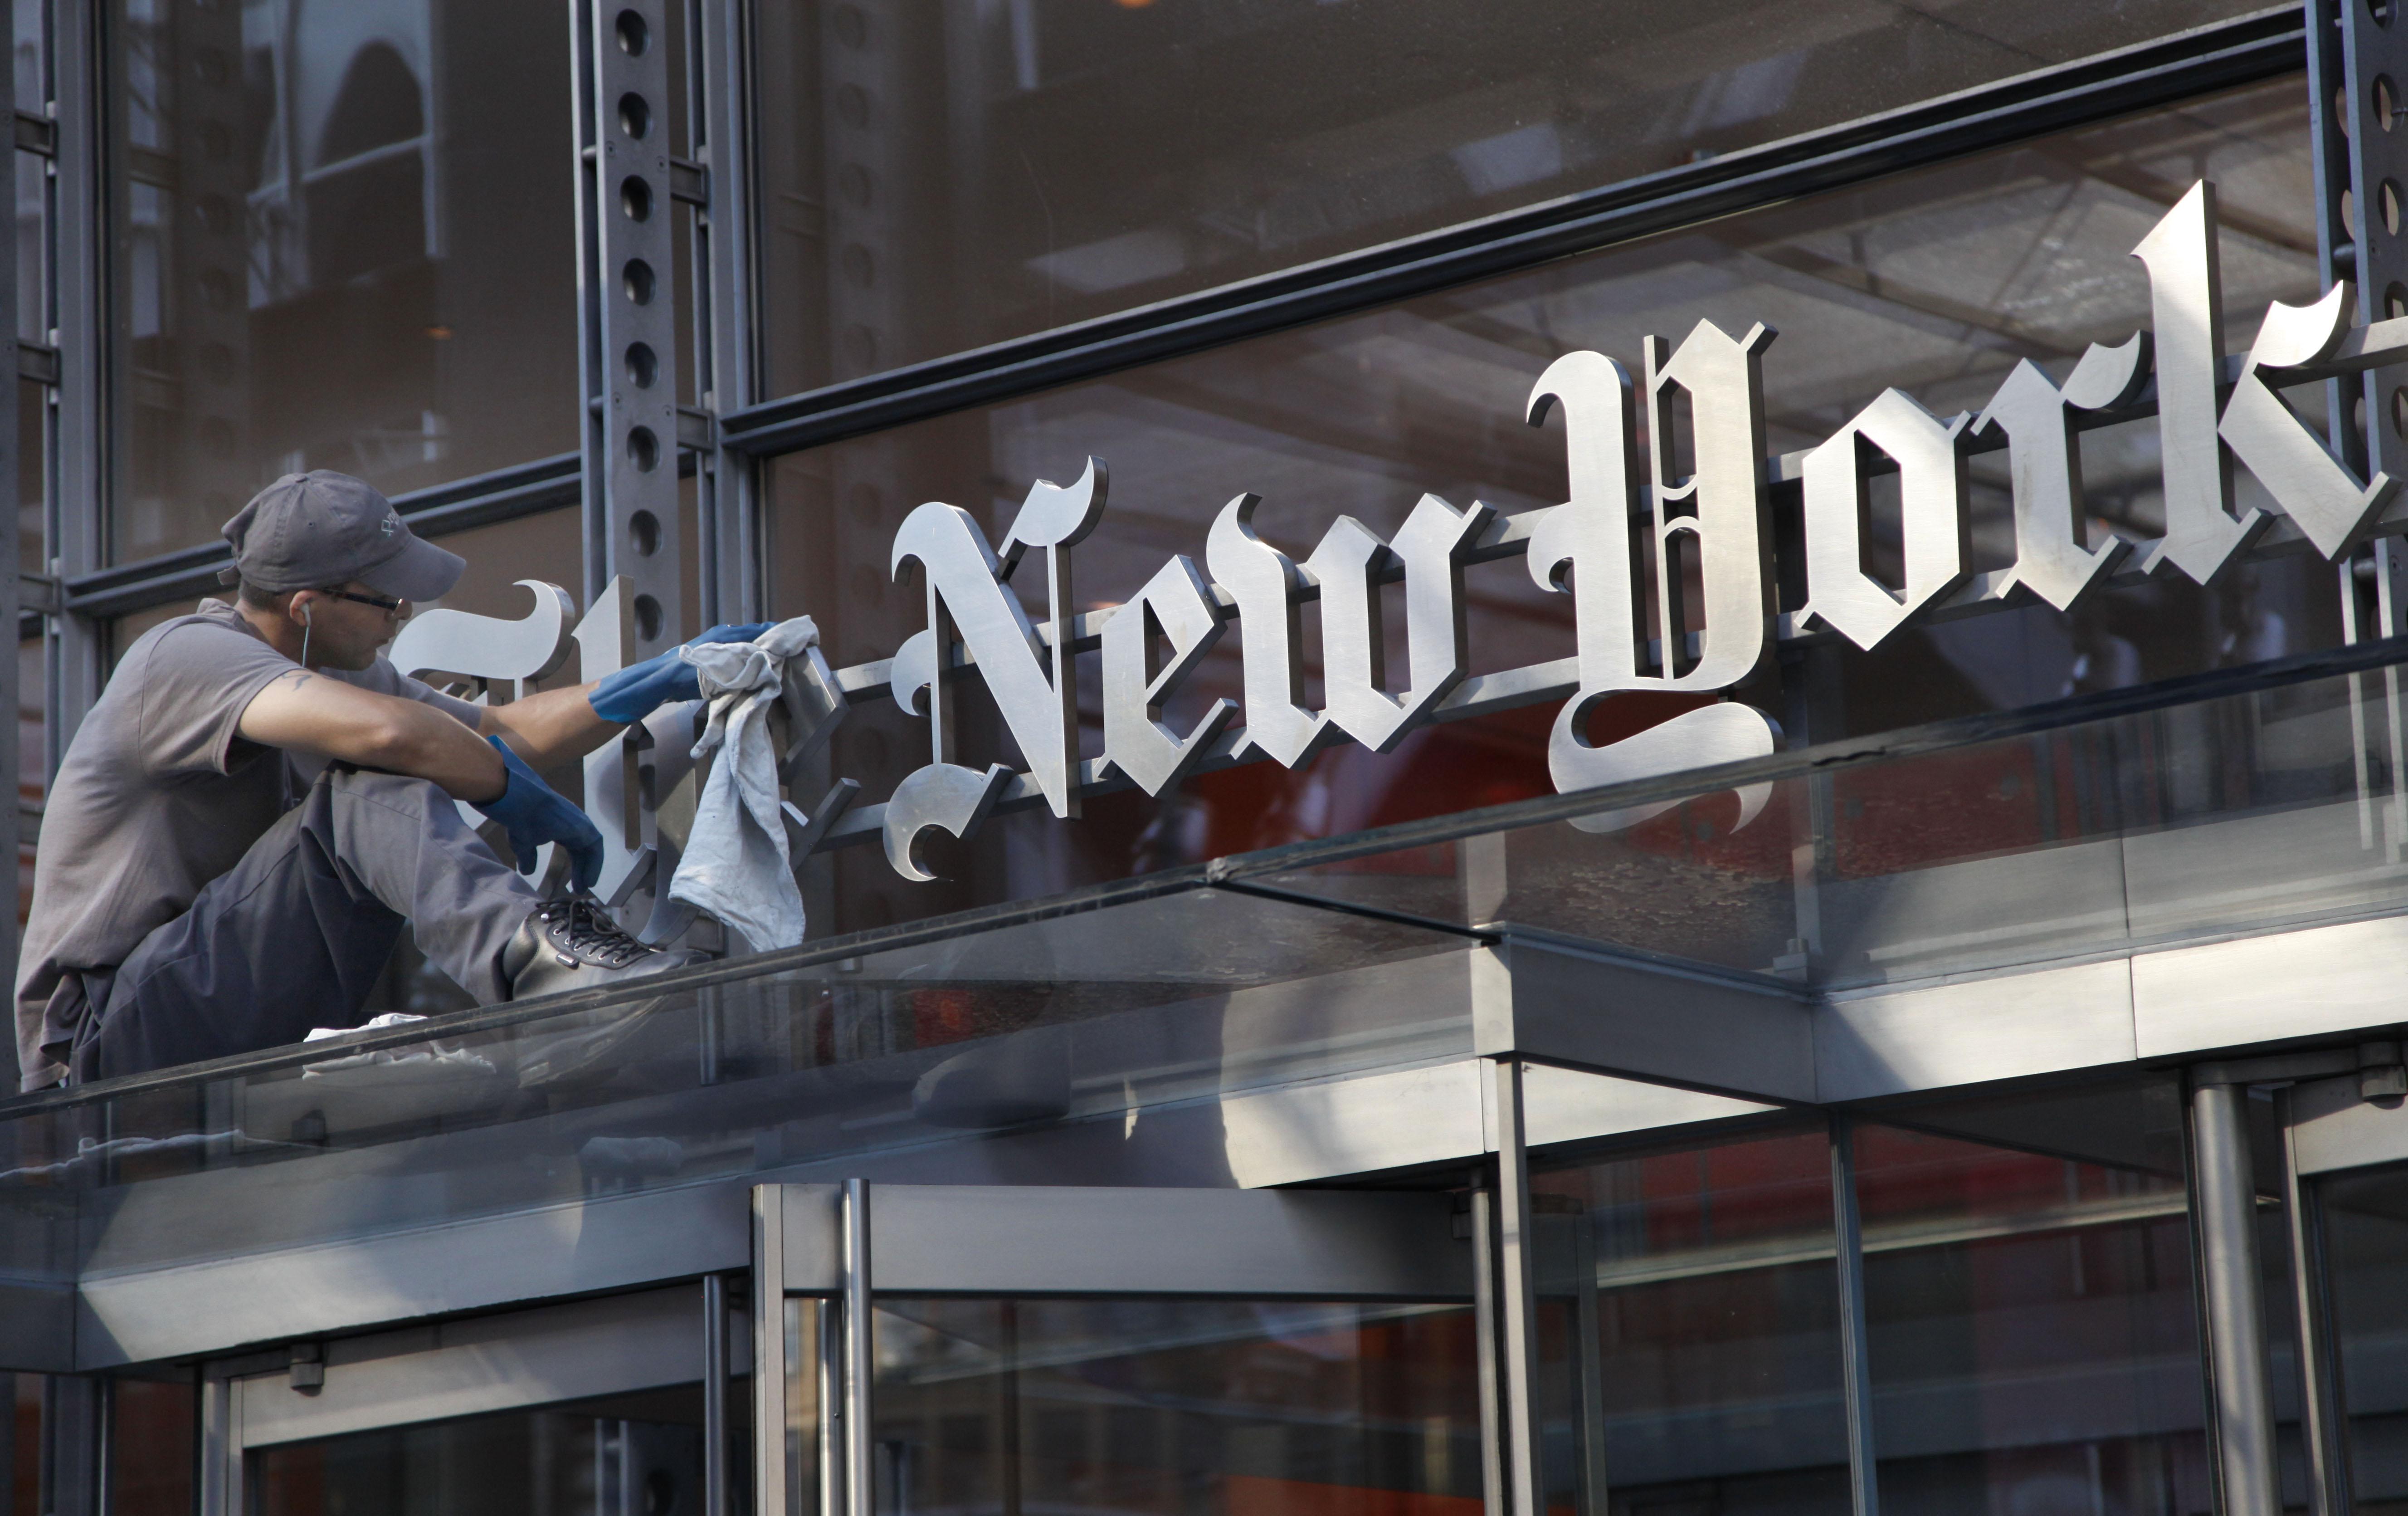 Earns New York Times, New York, USA